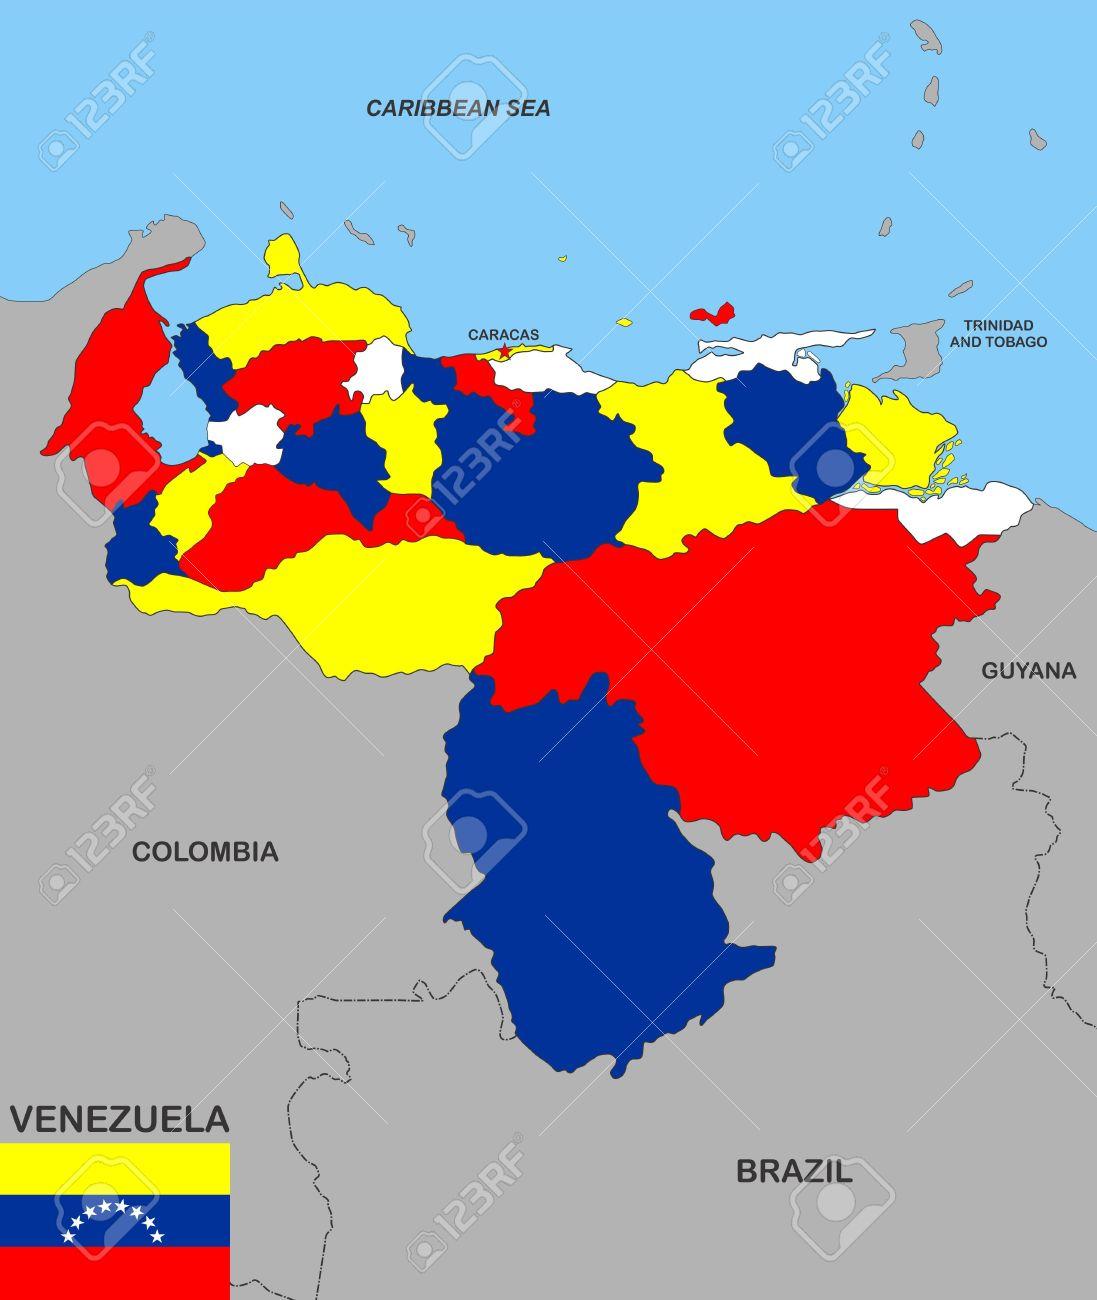 venezuela size - Juve.clique27.com